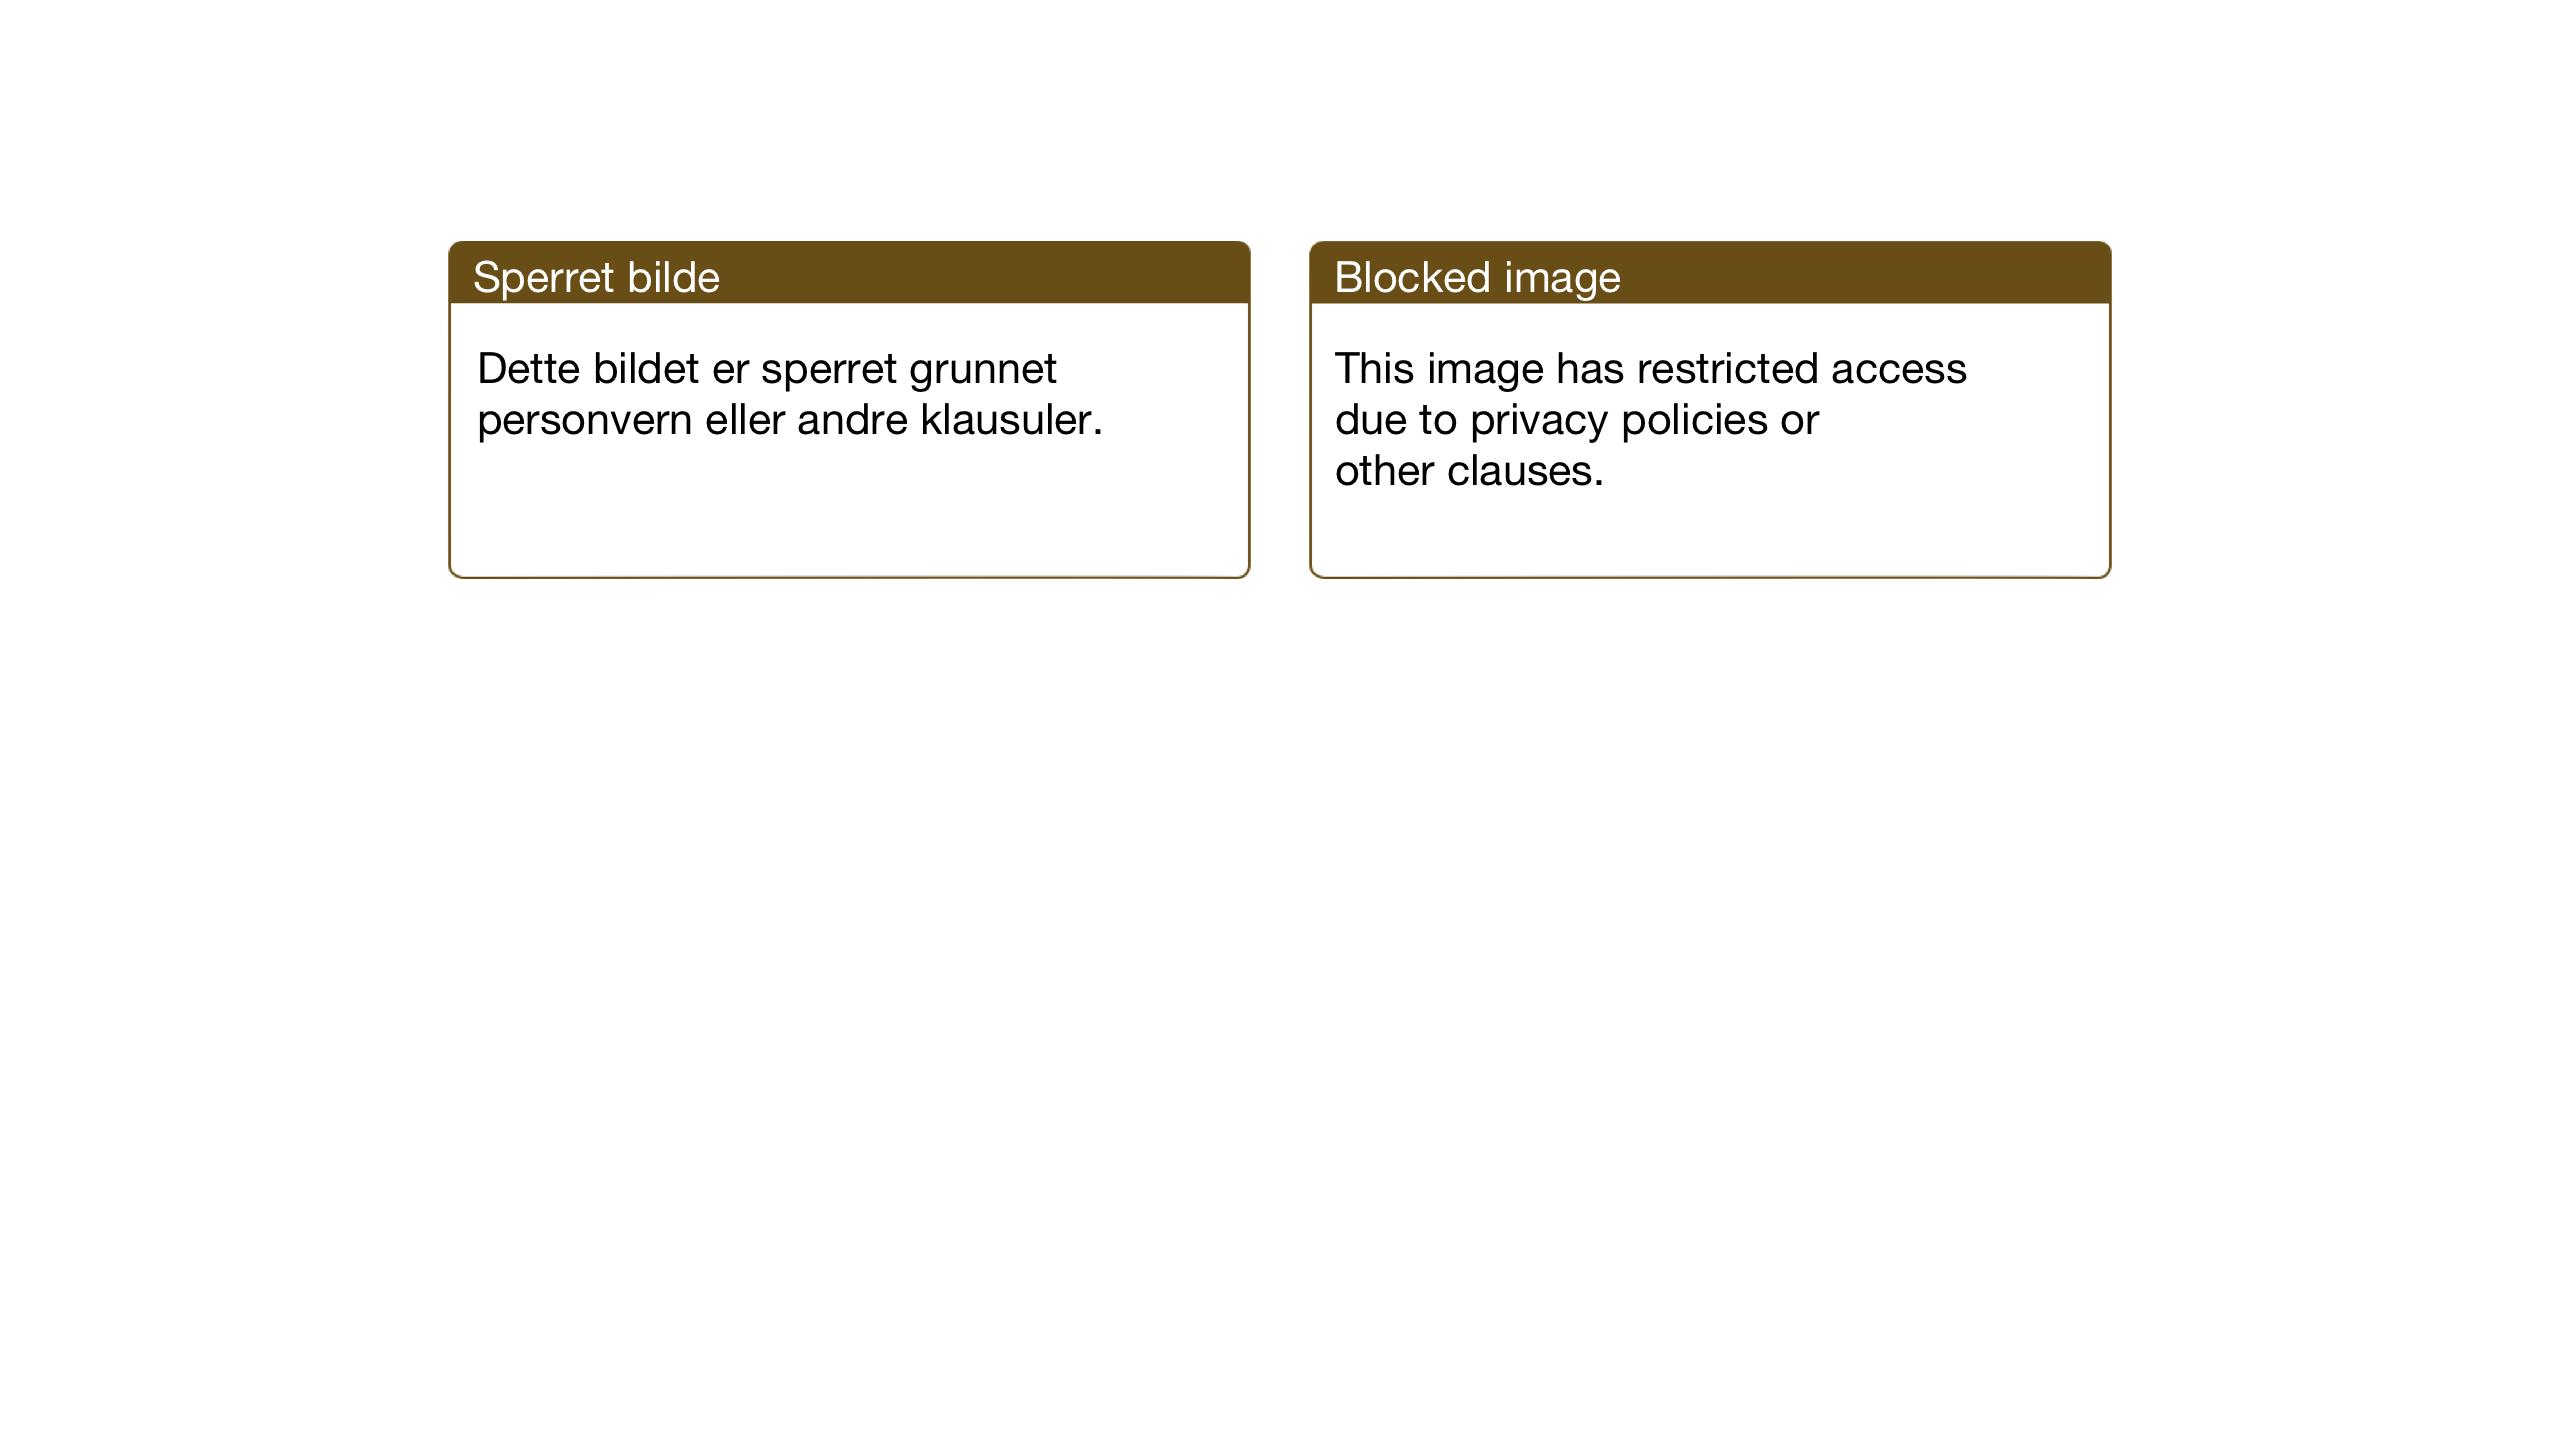 SAT, Ministerialprotokoller, klokkerbøker og fødselsregistre - Nord-Trøndelag, 722/L0227: Klokkerbok nr. 722C03, 1928-1958, s. 77